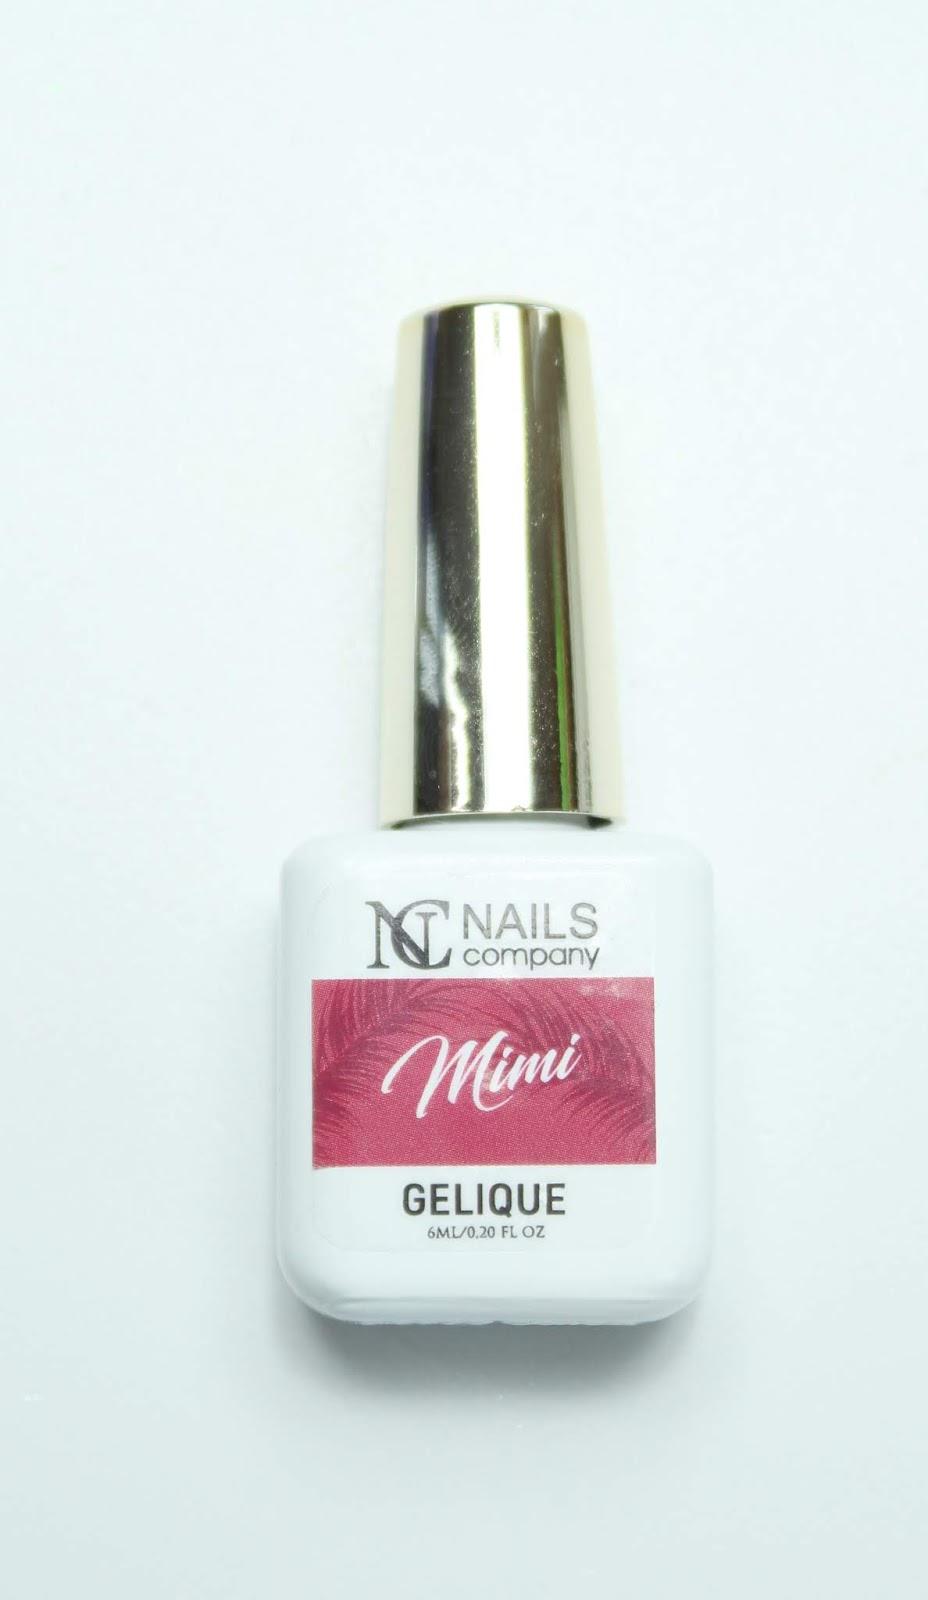 NC Nails Company Mimi